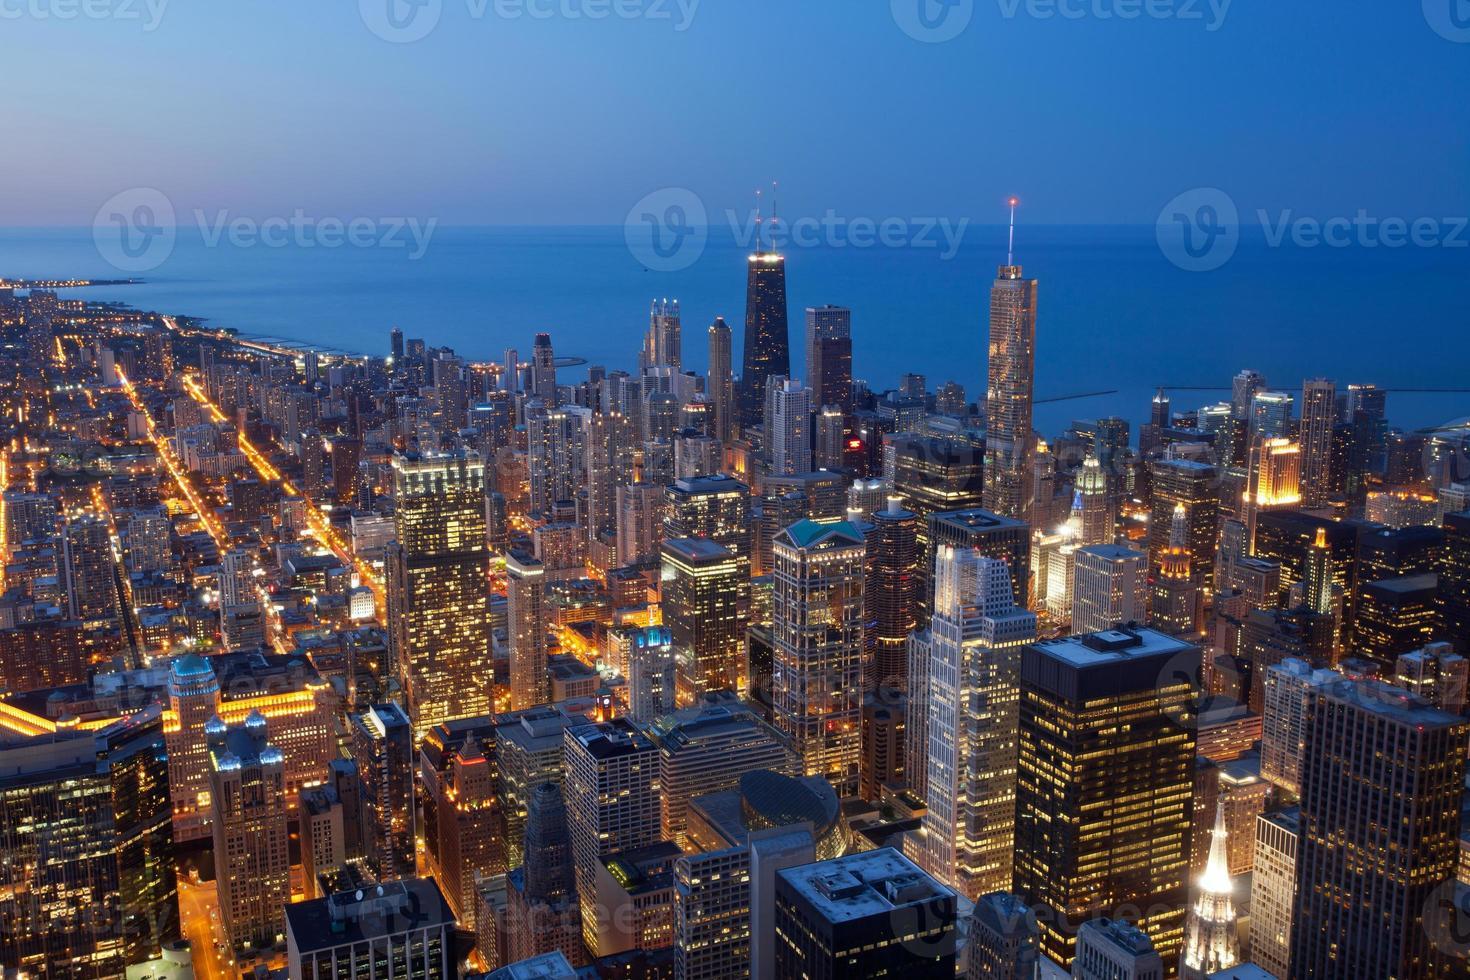 staden chicago. foto